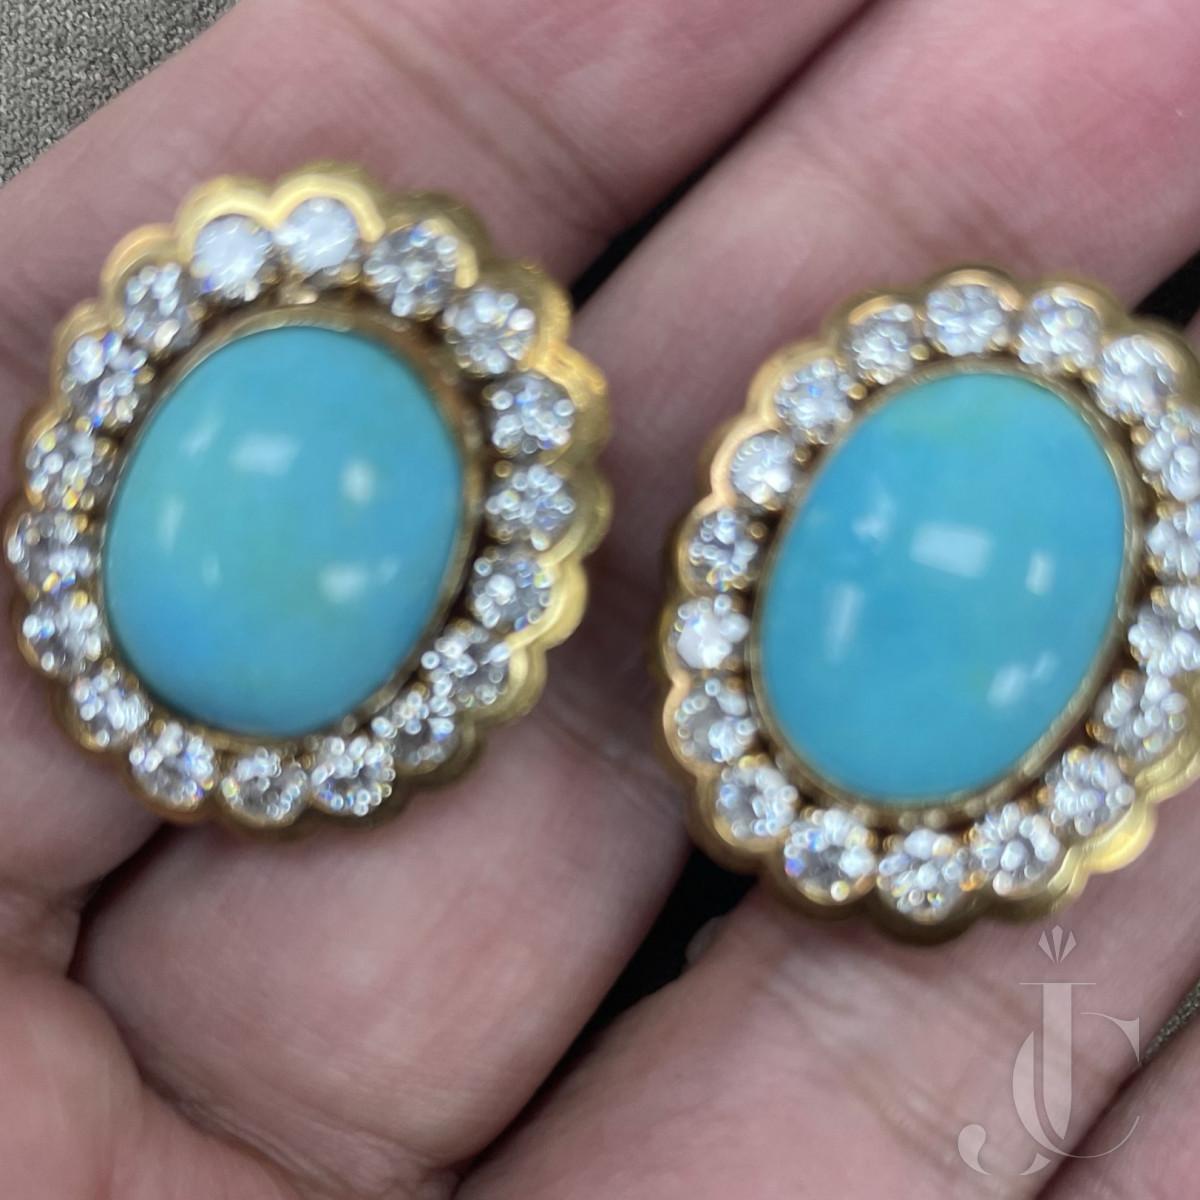 Van Cleef & Arpels Turqoise and Diamond Earrings Pair